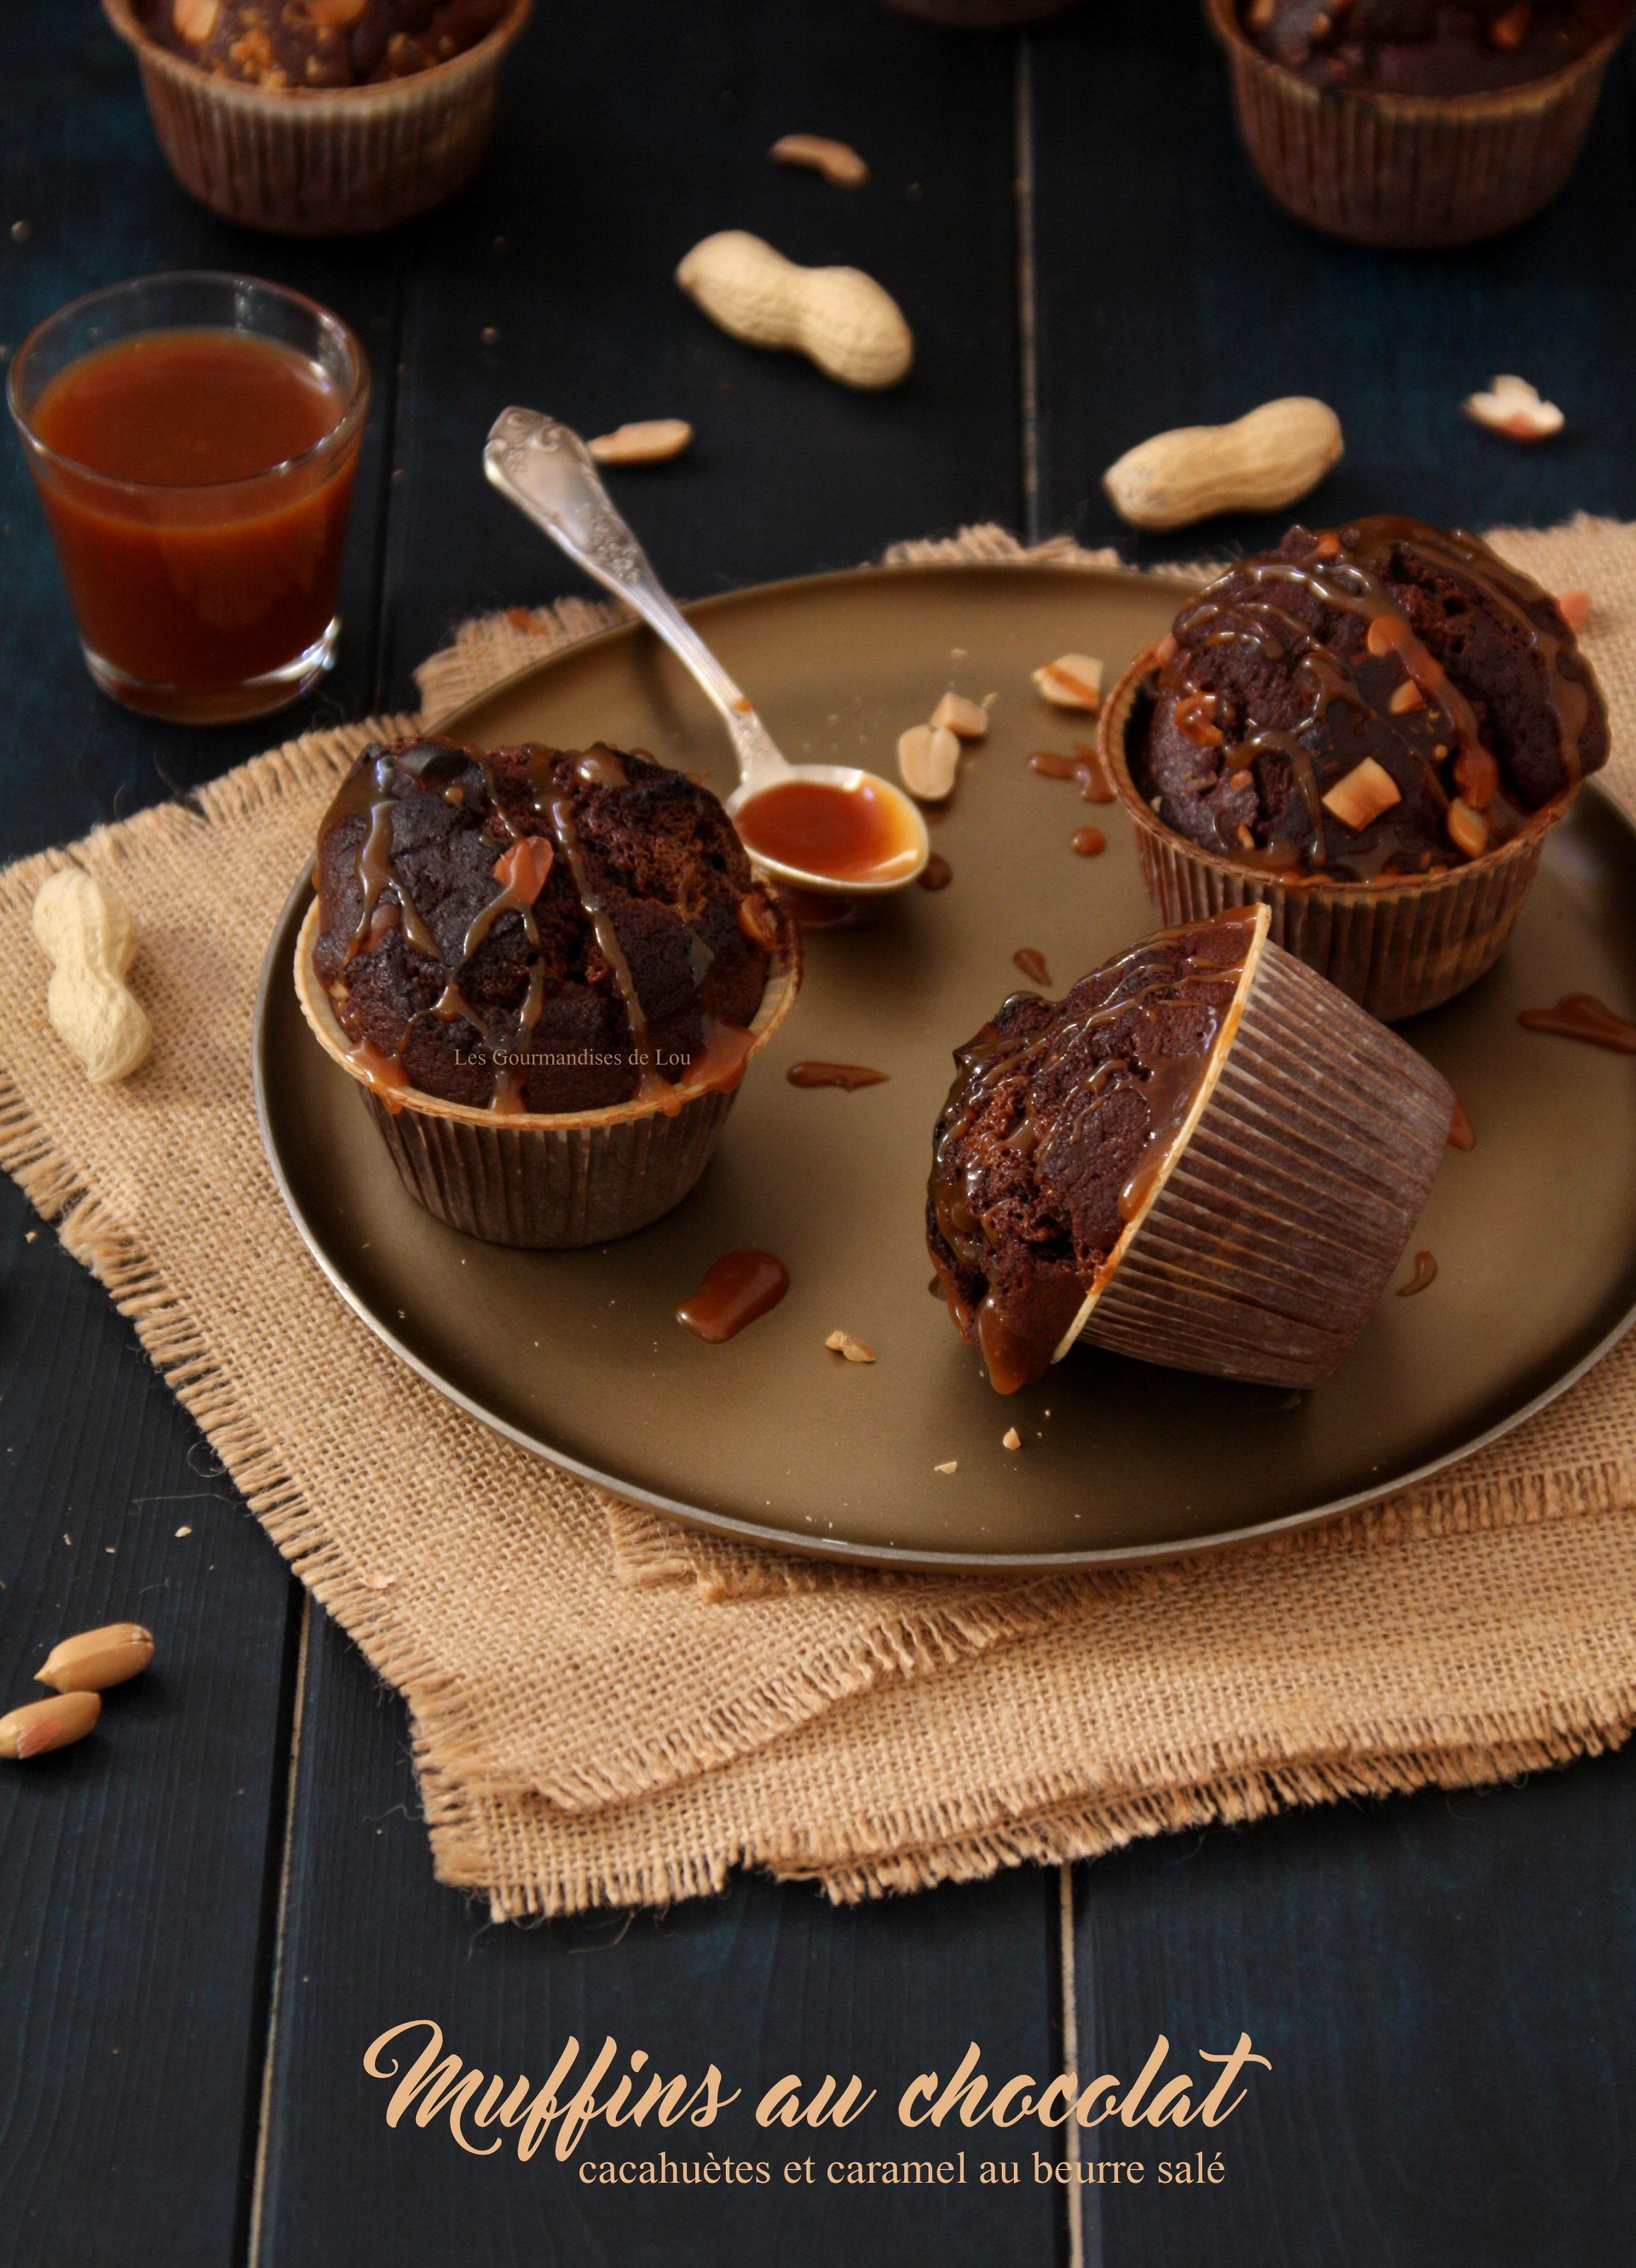 muffins-au-chocolat-cacahuetes-et-beurre-sale